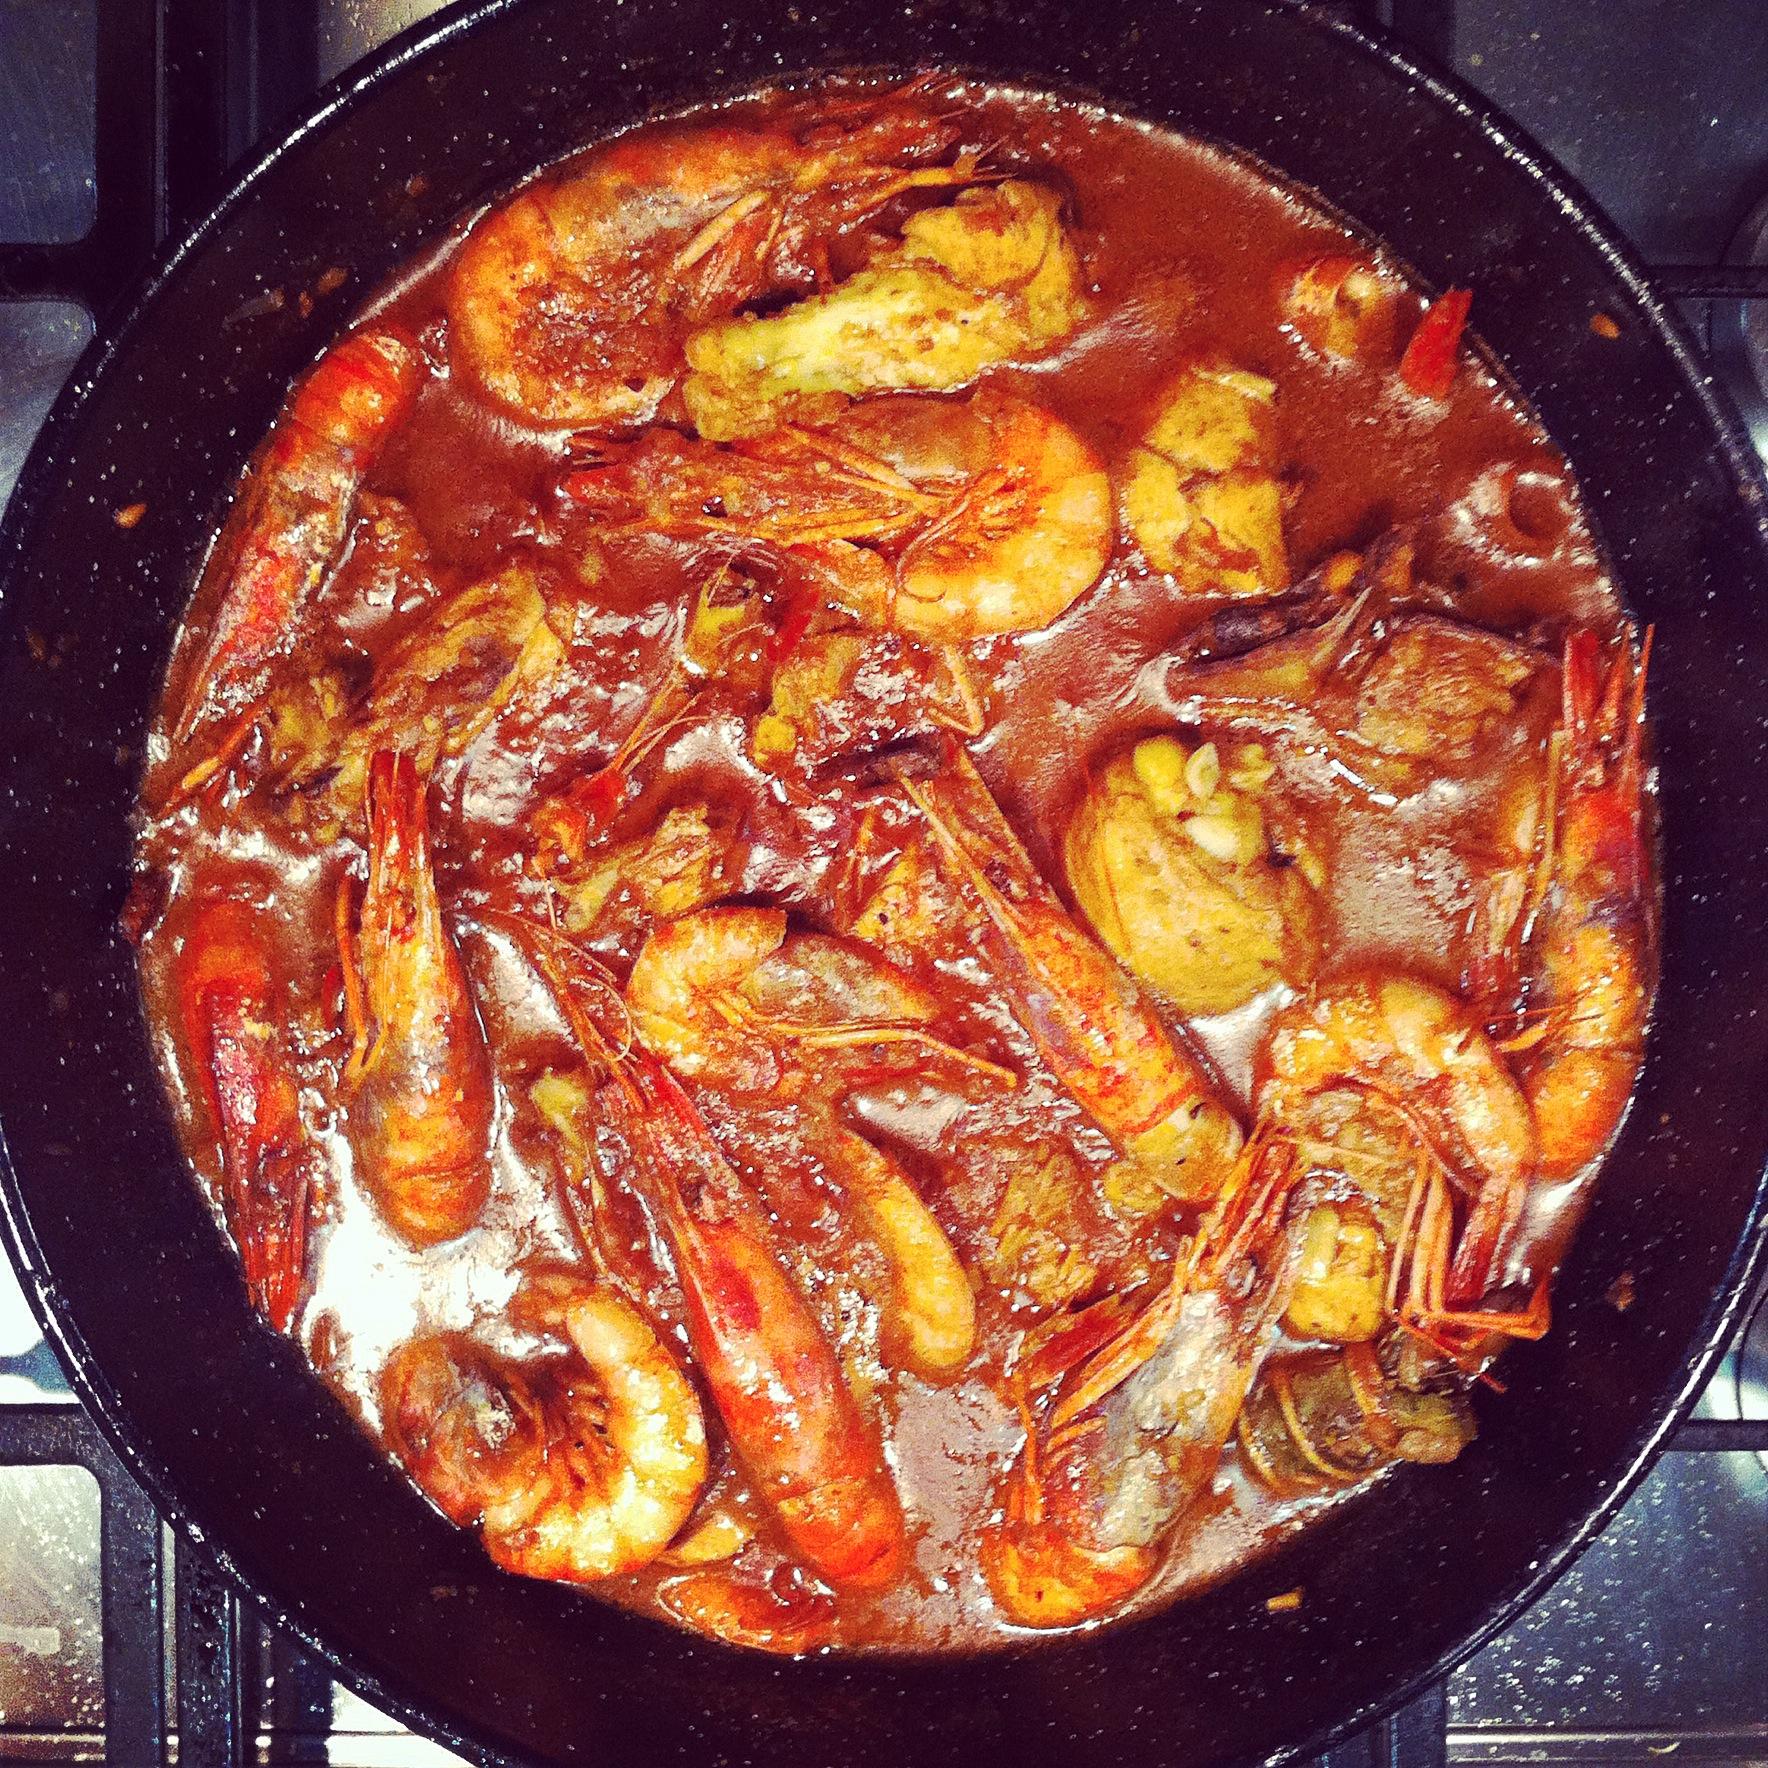 recepta-pollastre-amb-gambes